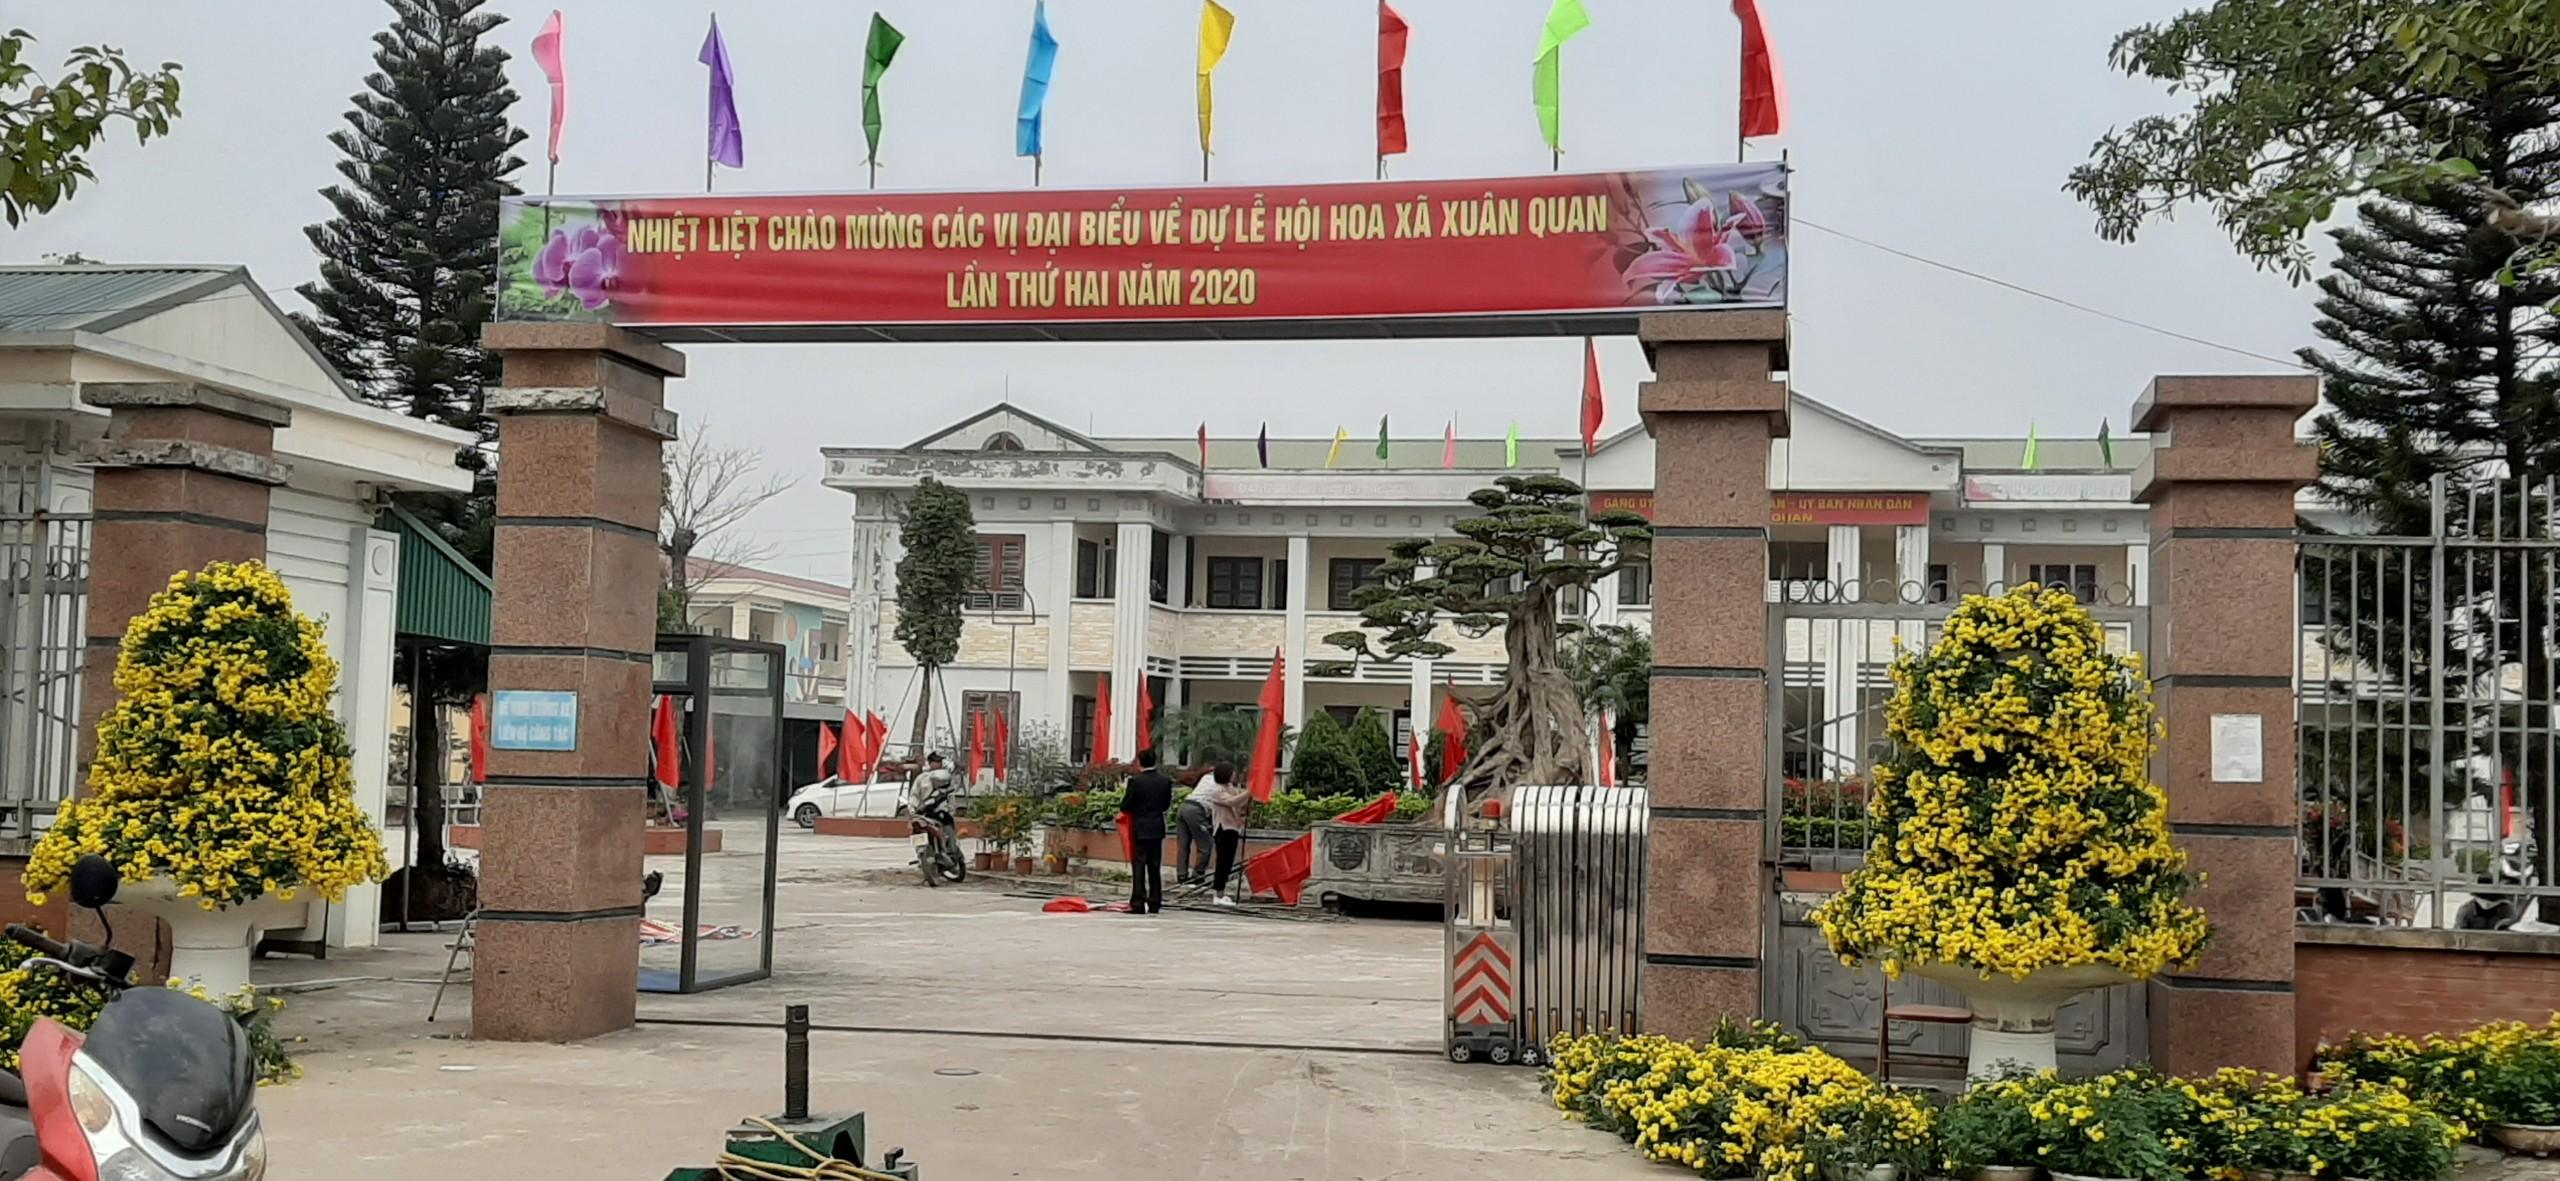 Lễ hội truyền thống làng hoa Xuân Quan lần thứ II năm 2020